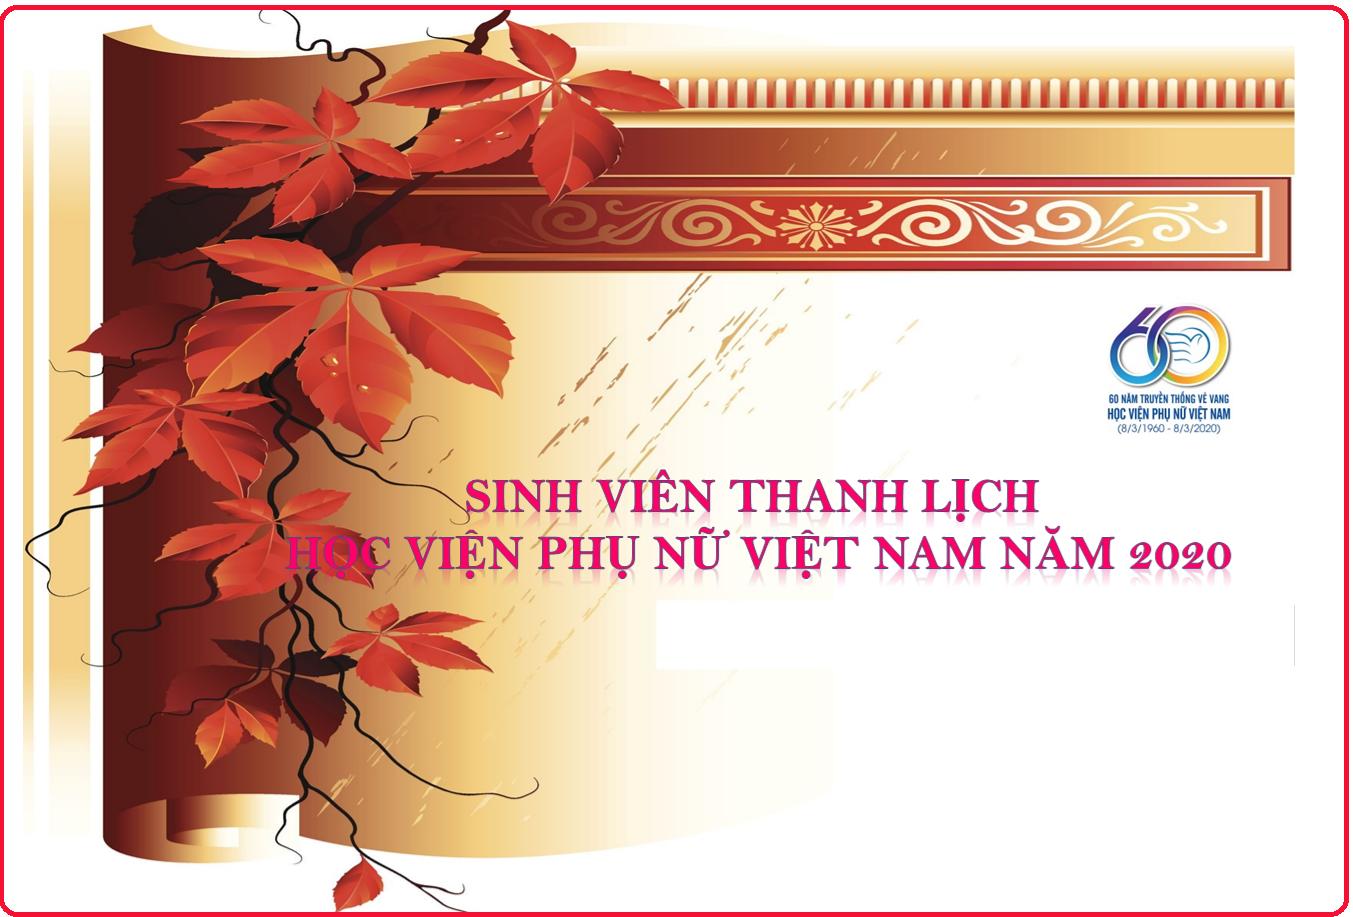 """Kế hoạch tổ chức cuộc thi: """"Sinh viên thanh lịch Học viện Phụ nữ Việt Nam 2020"""""""